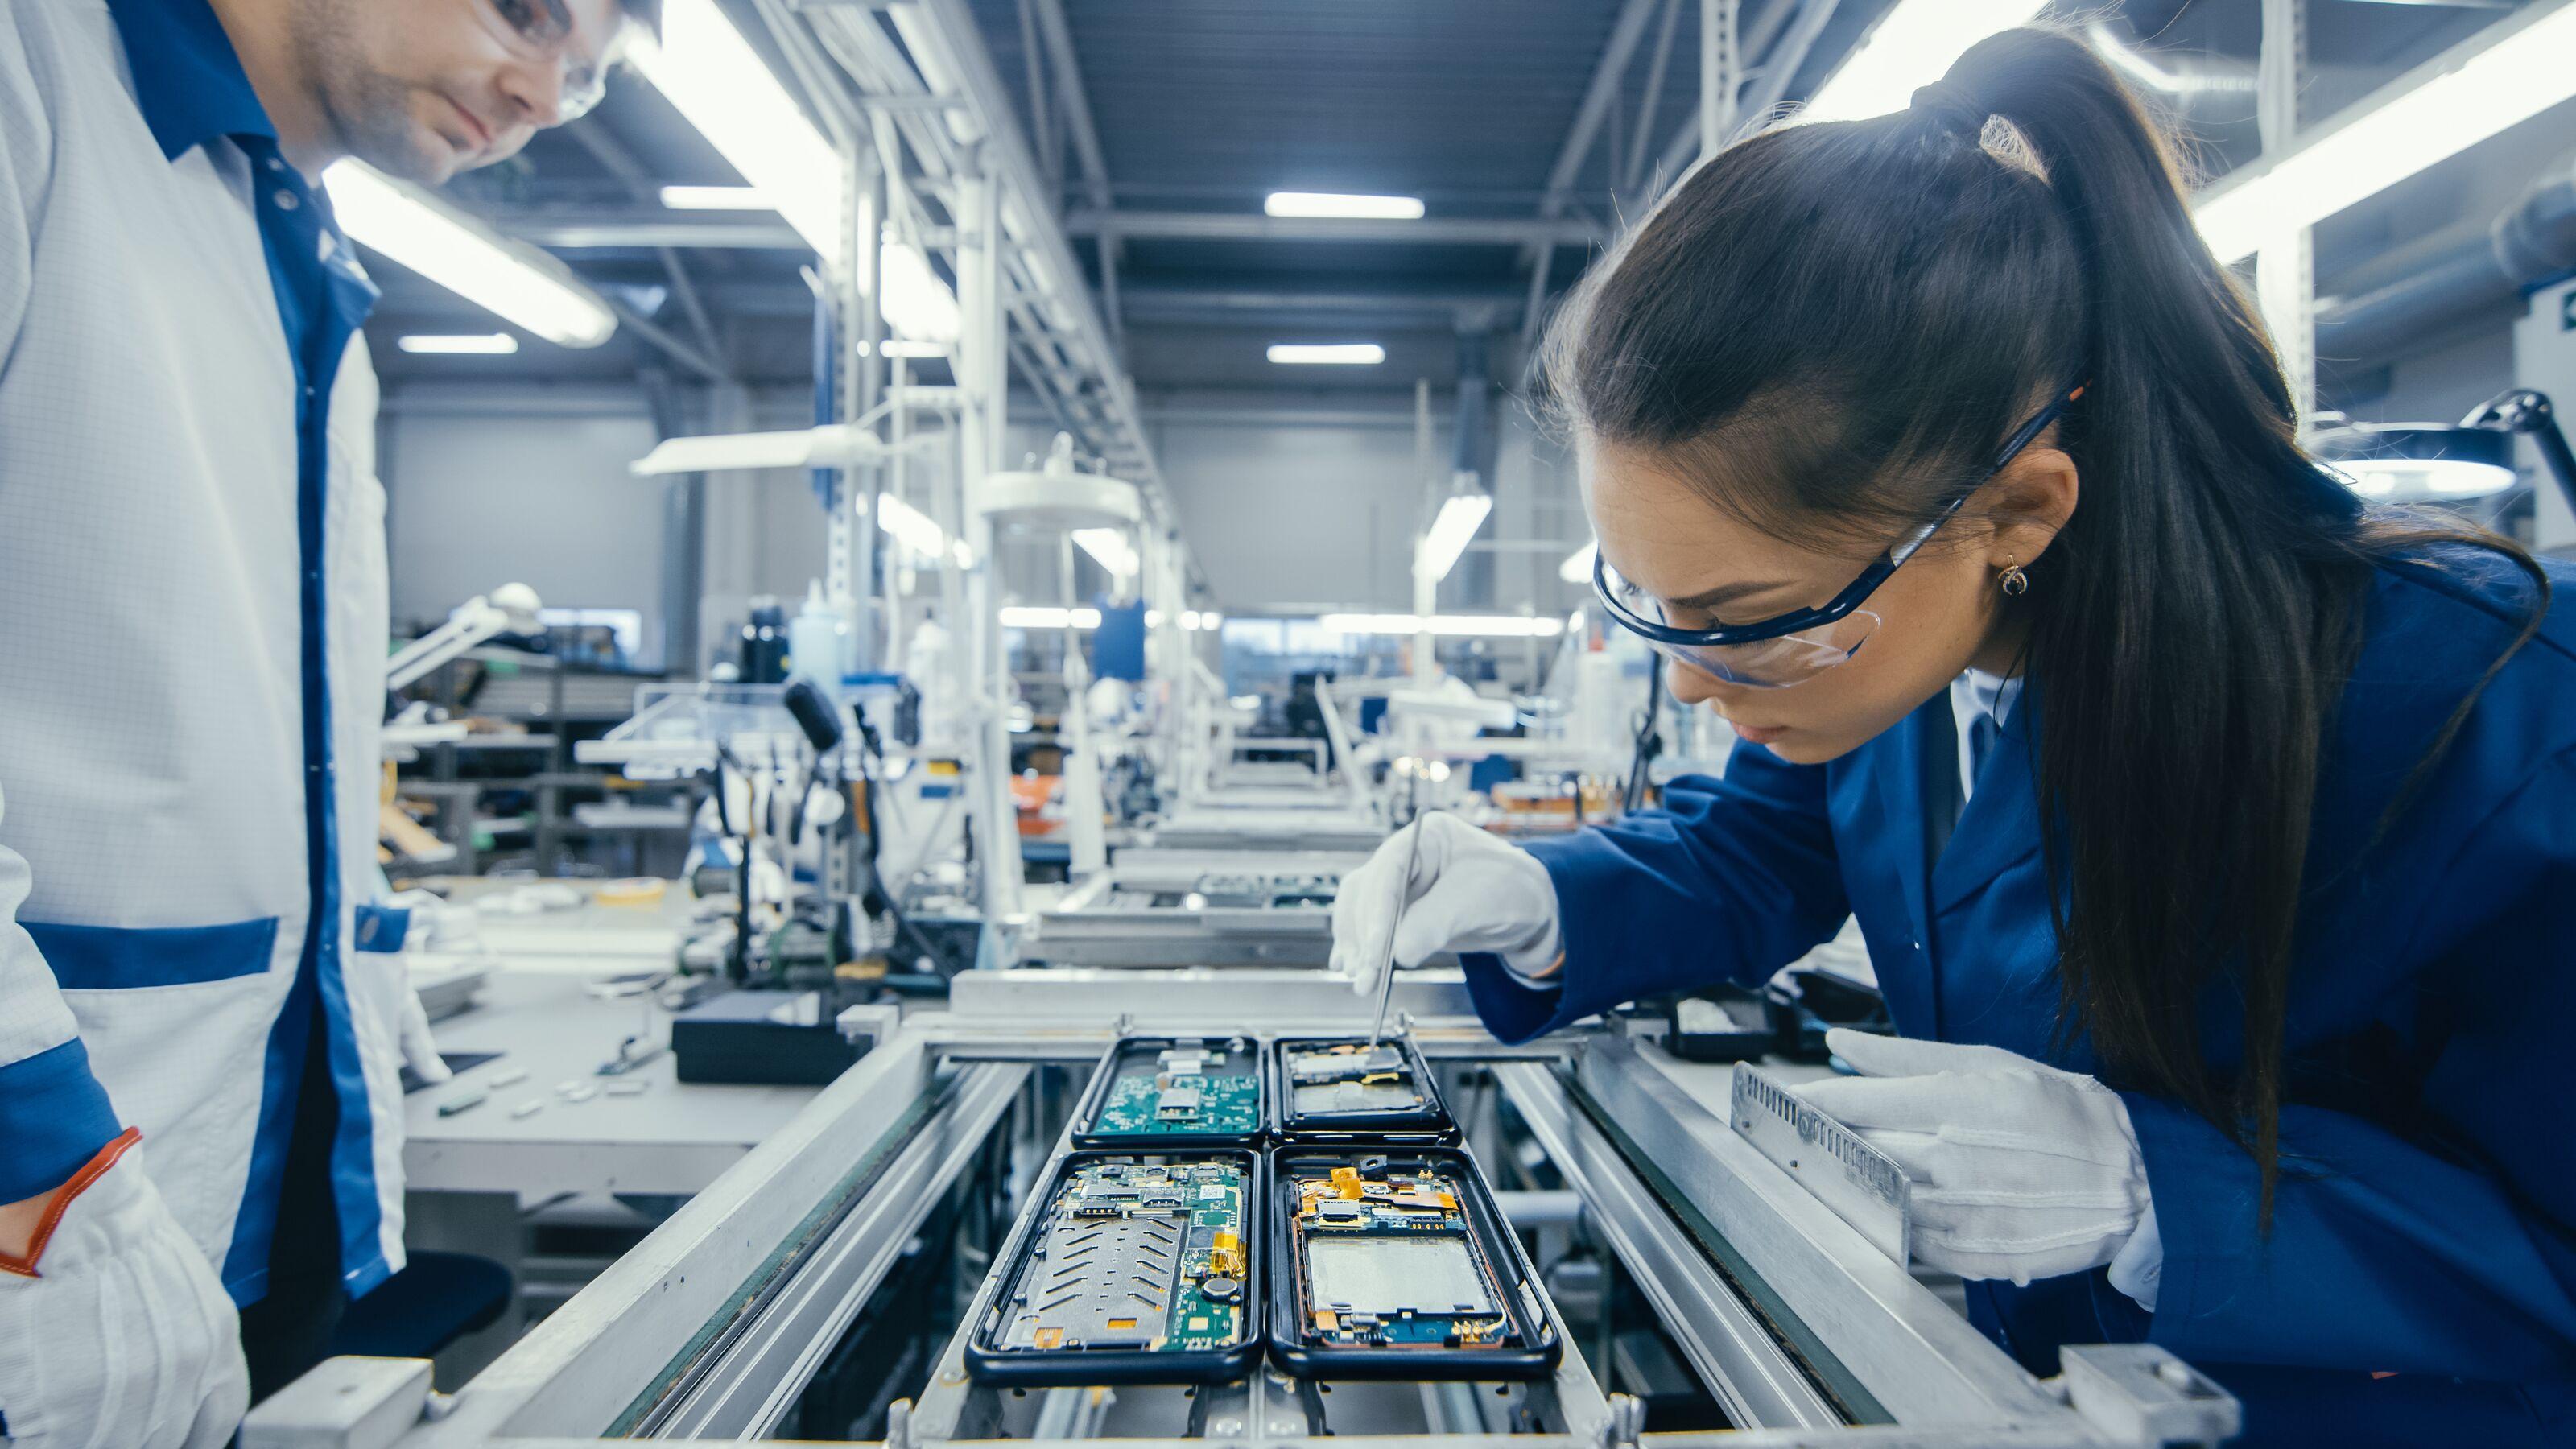 Az ABB mérnöknőket ünnepli a műszaki pályán dolgozó nők világnapján